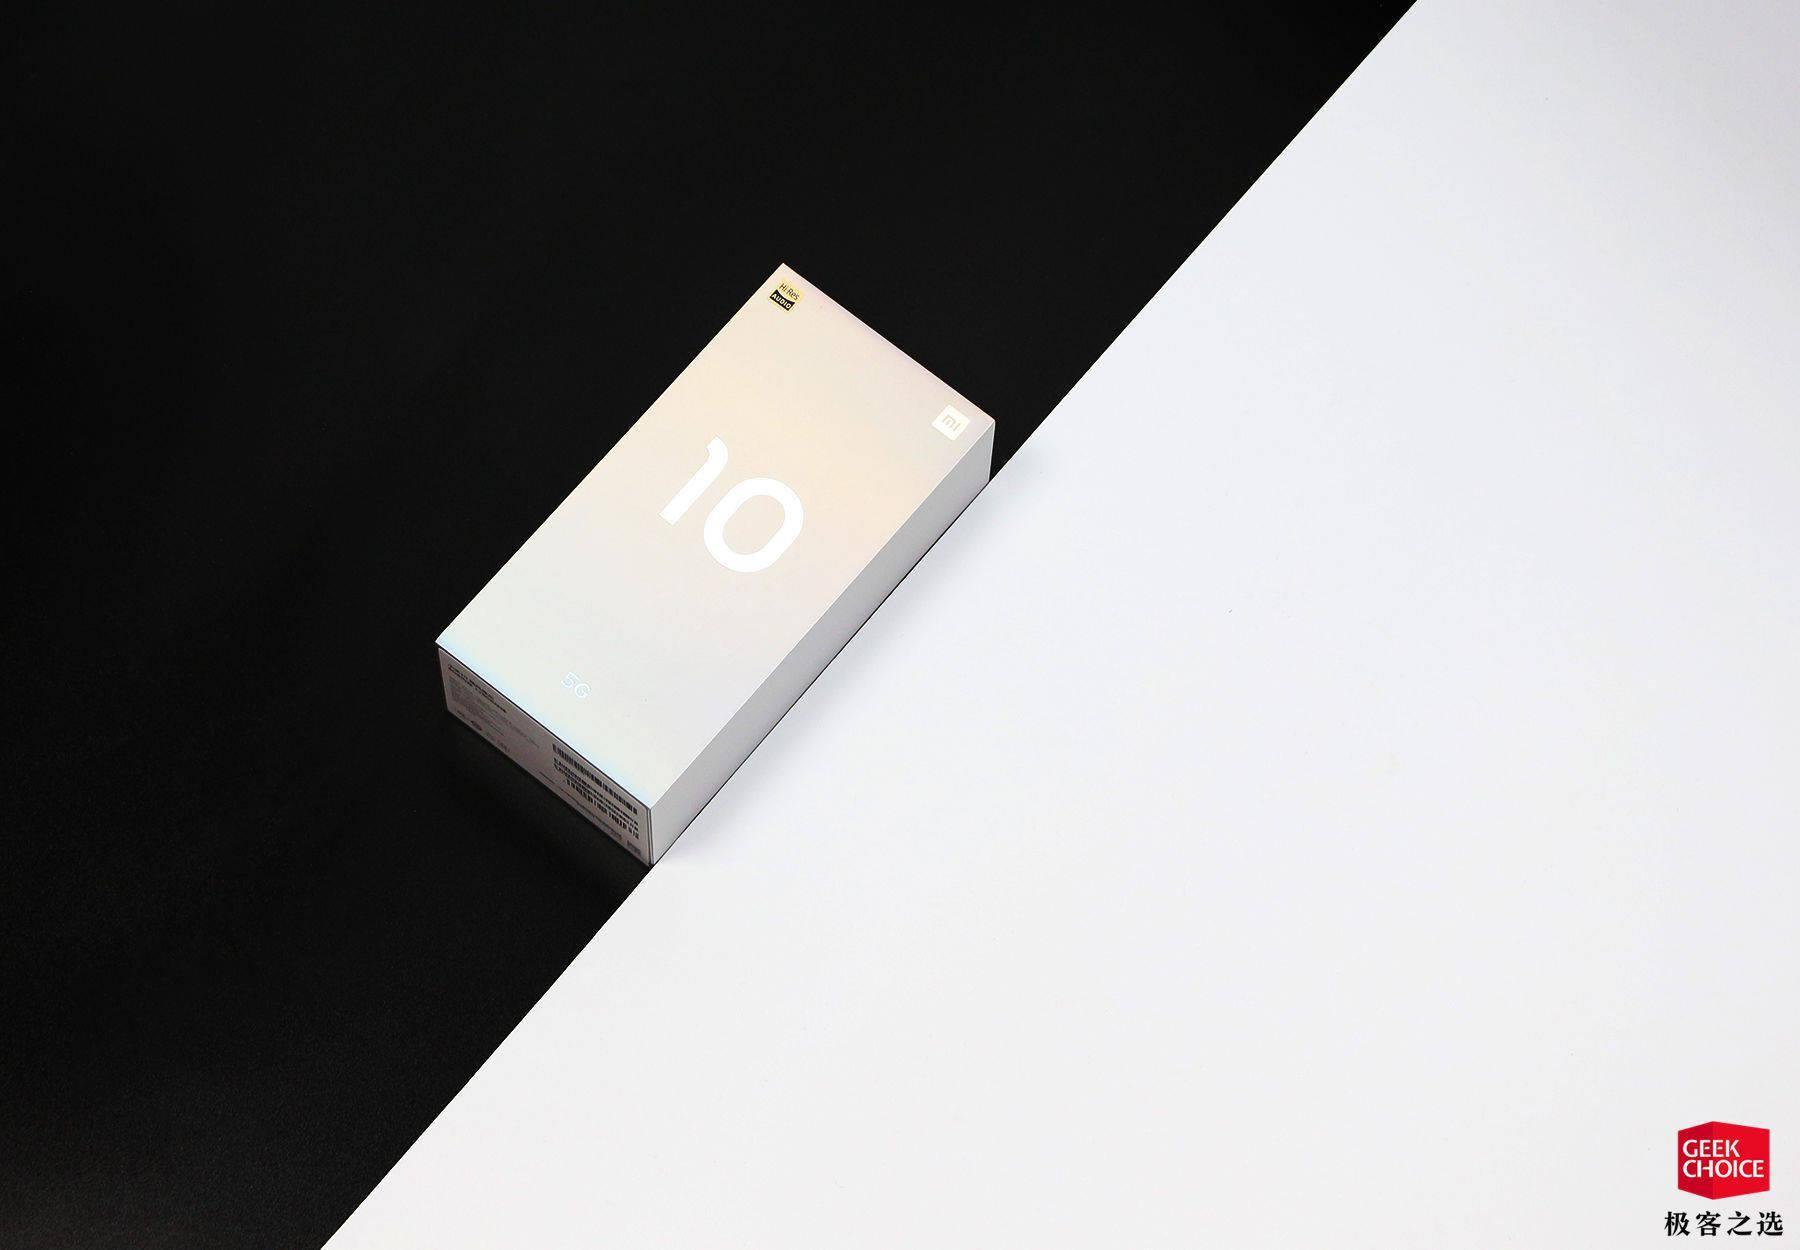 图赏丨小米 10 国风雅灰新配色来了:价格不变,下半年你还会选它吗?